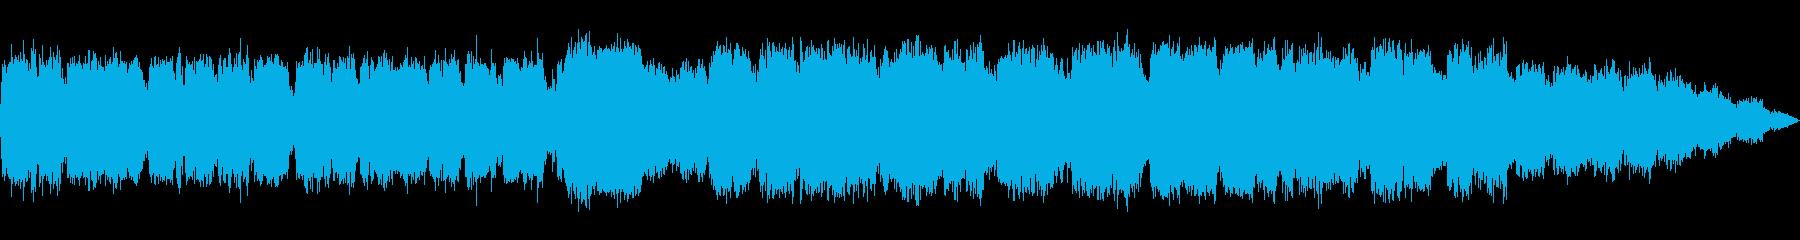 優しい笛のヒーリング音楽の再生済みの波形